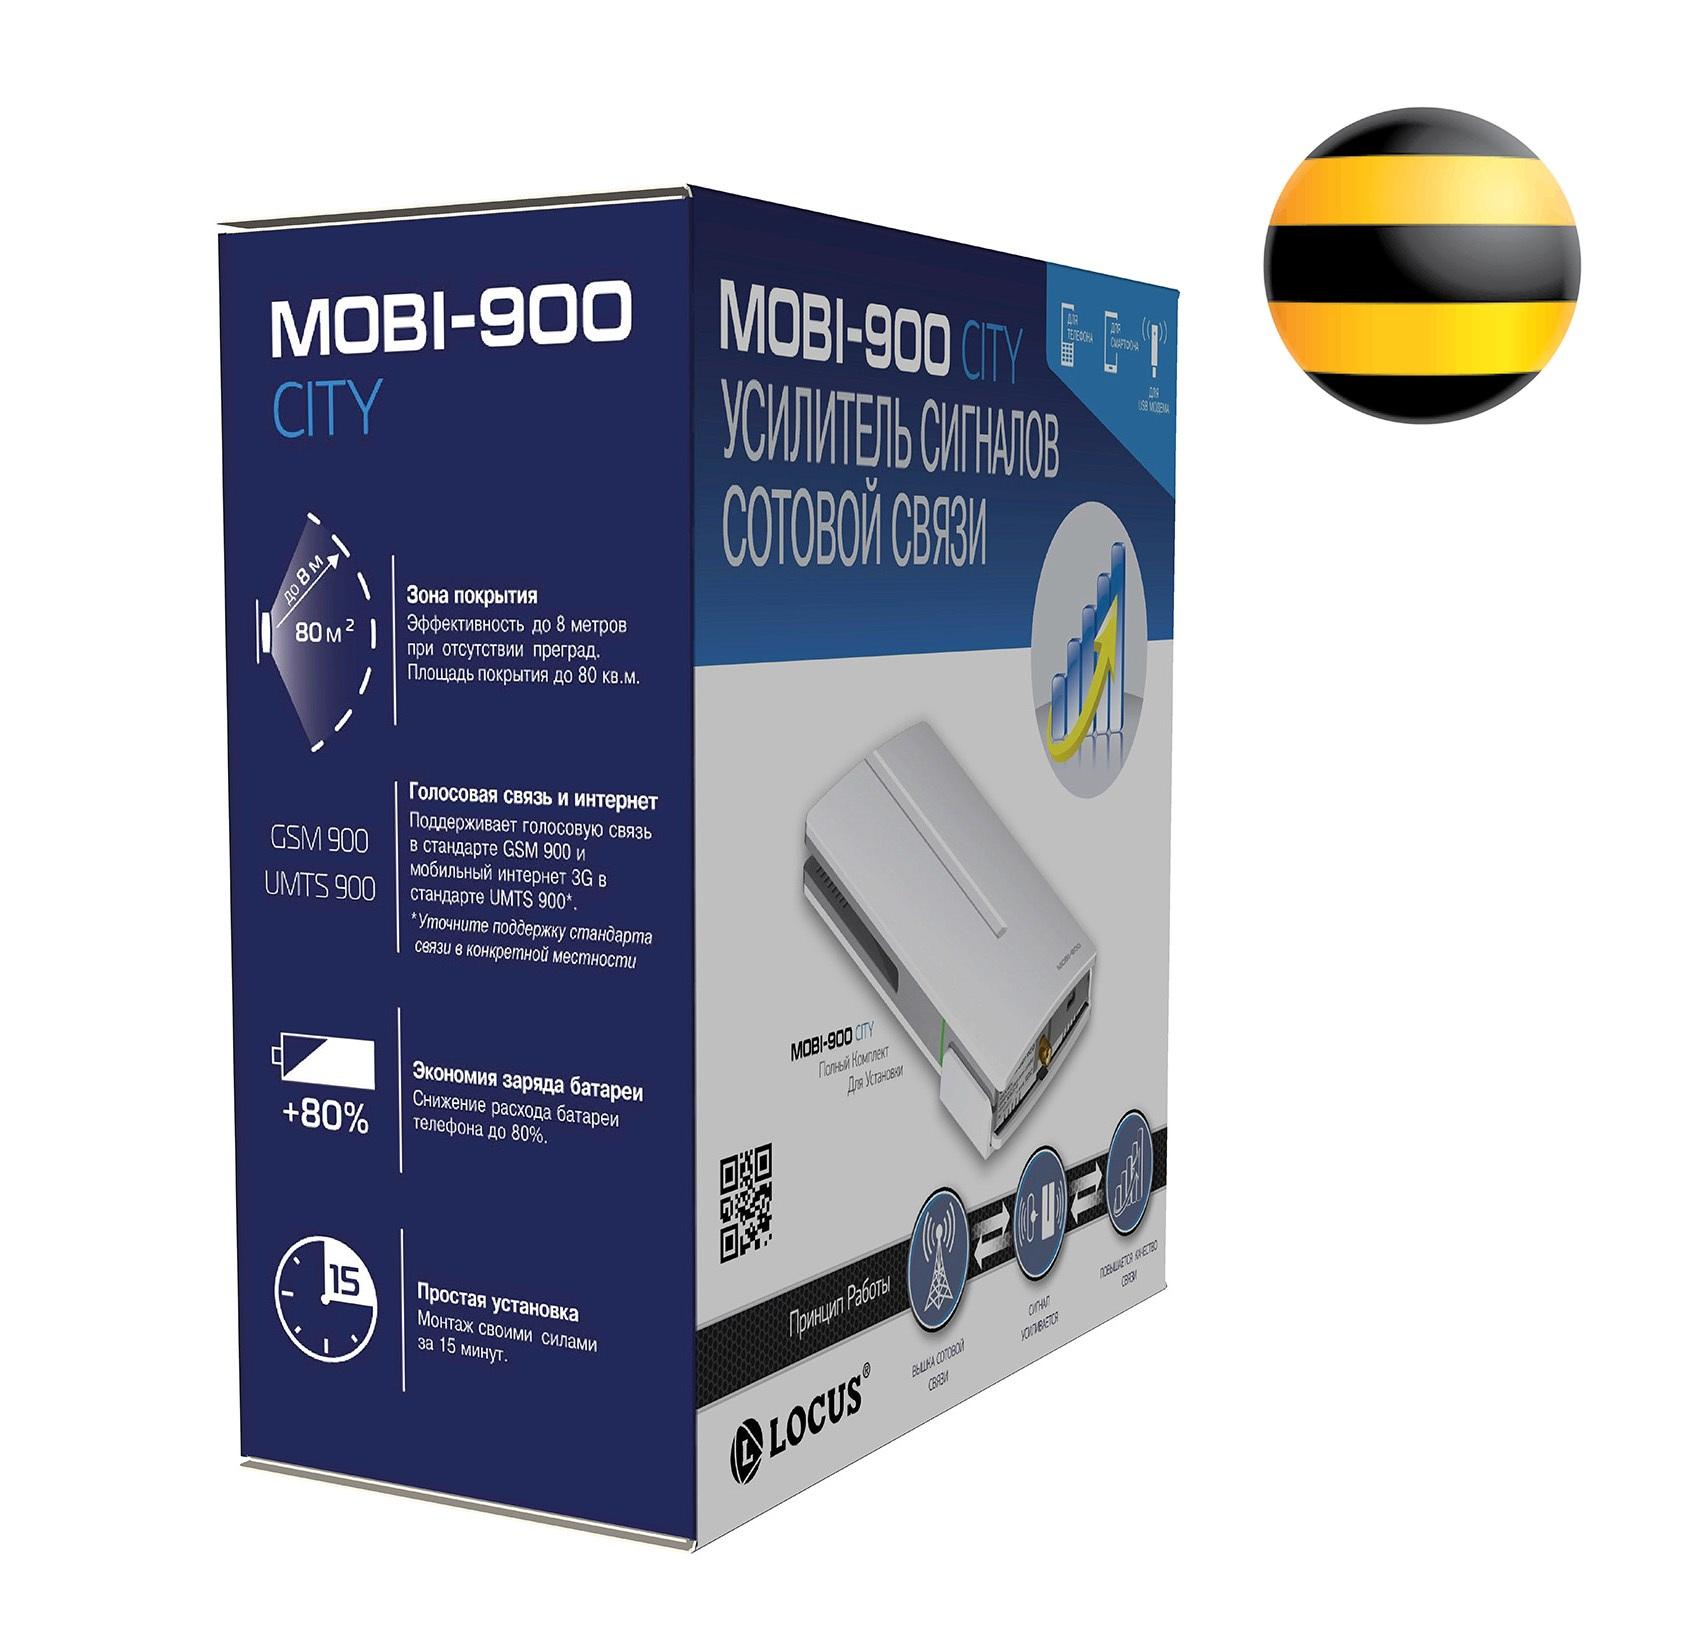 моби 900 усилитель сотовой